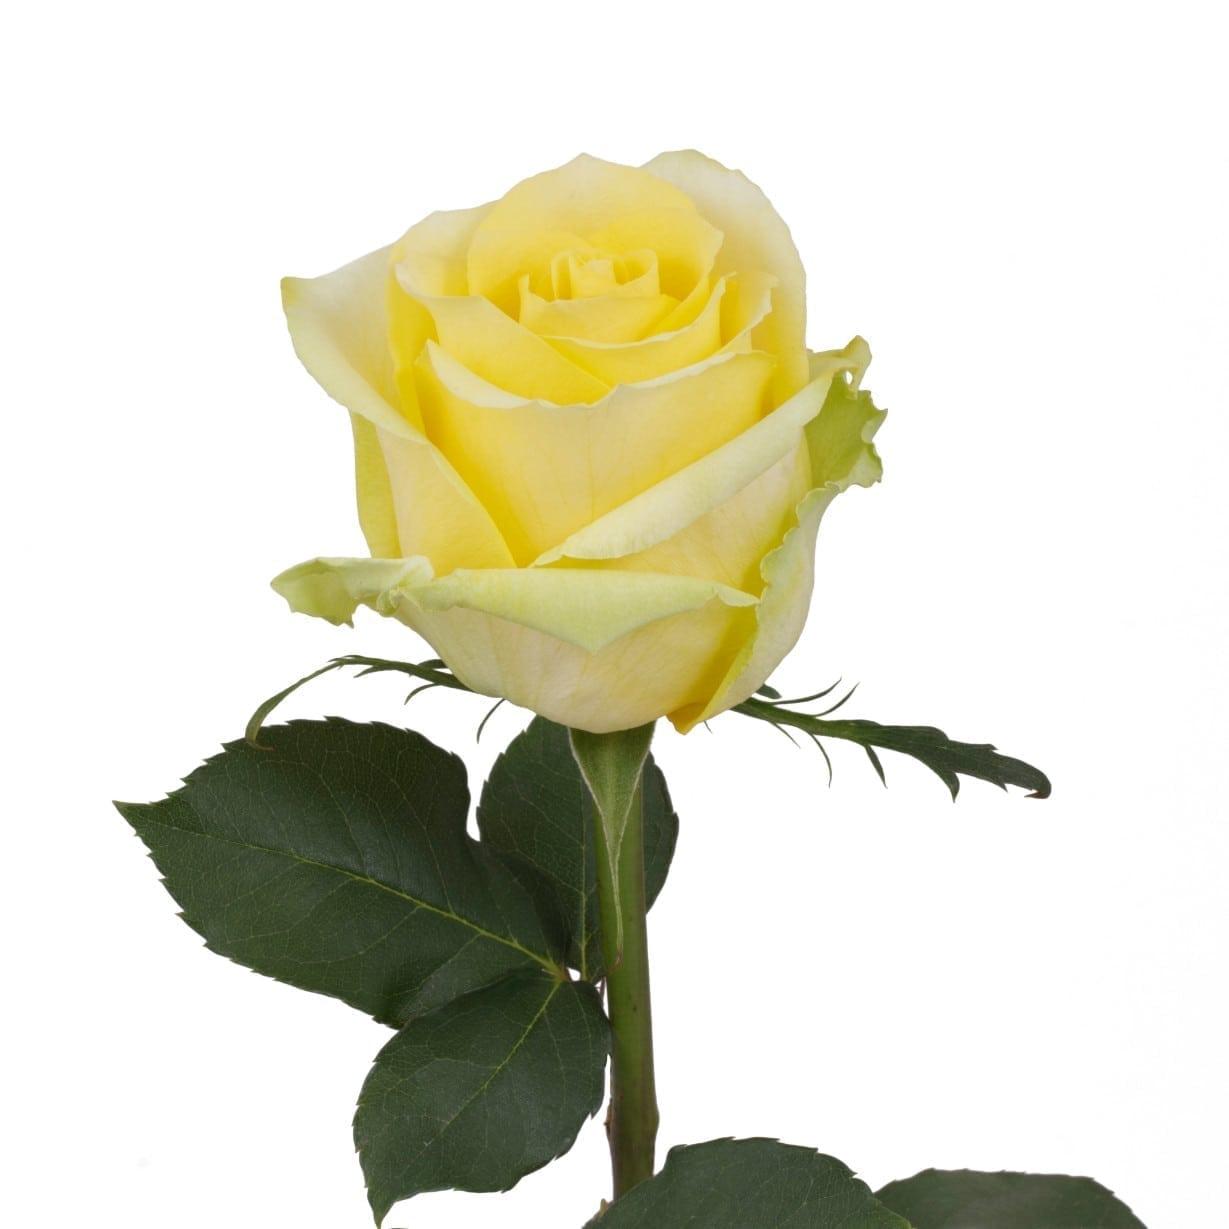 زهور (أصفر غامق)  الزهور بالجملة زهور مقطوفة